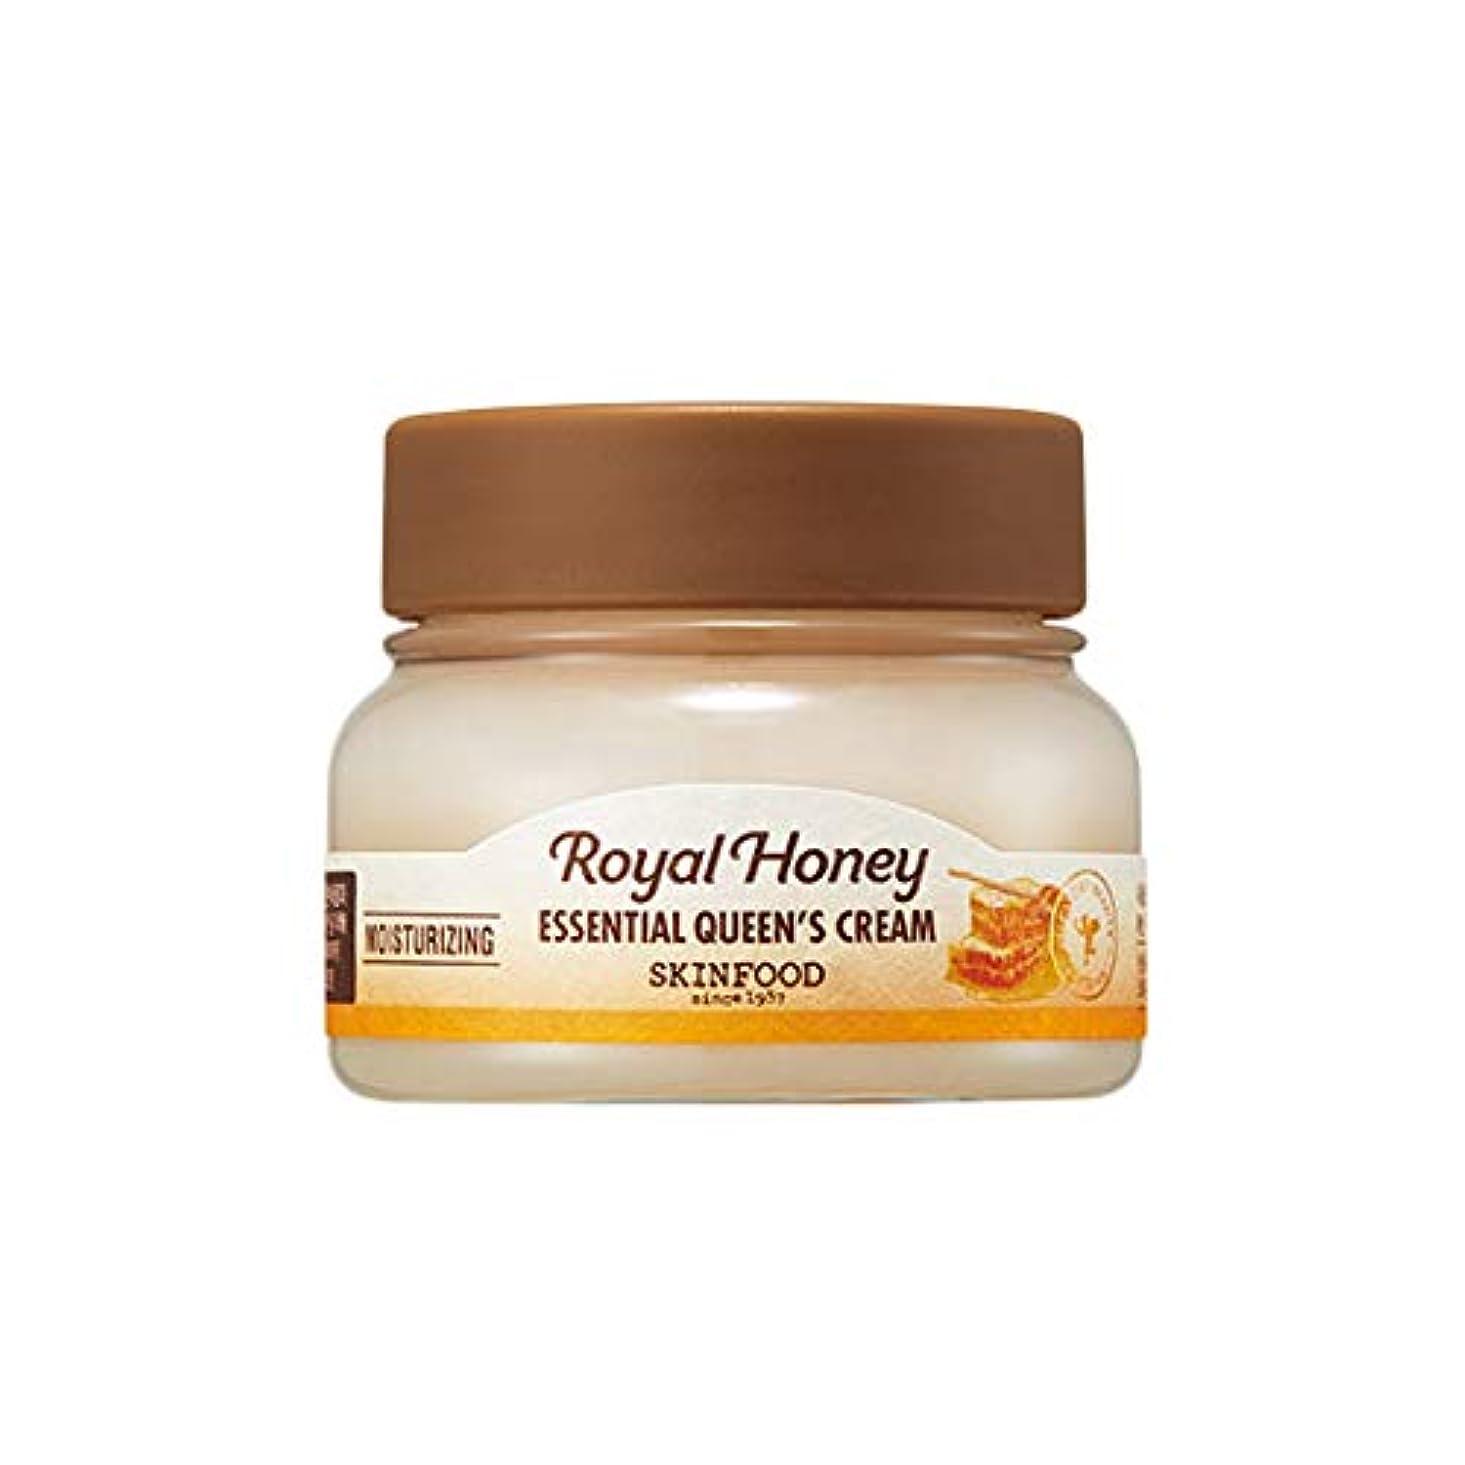 おとなしい禁輸葉巻Skinfood ロイヤルハニーエッセンシャルクイーンクリーム/Royal Honey Essential Queen's Cream 62ml [並行輸入品]